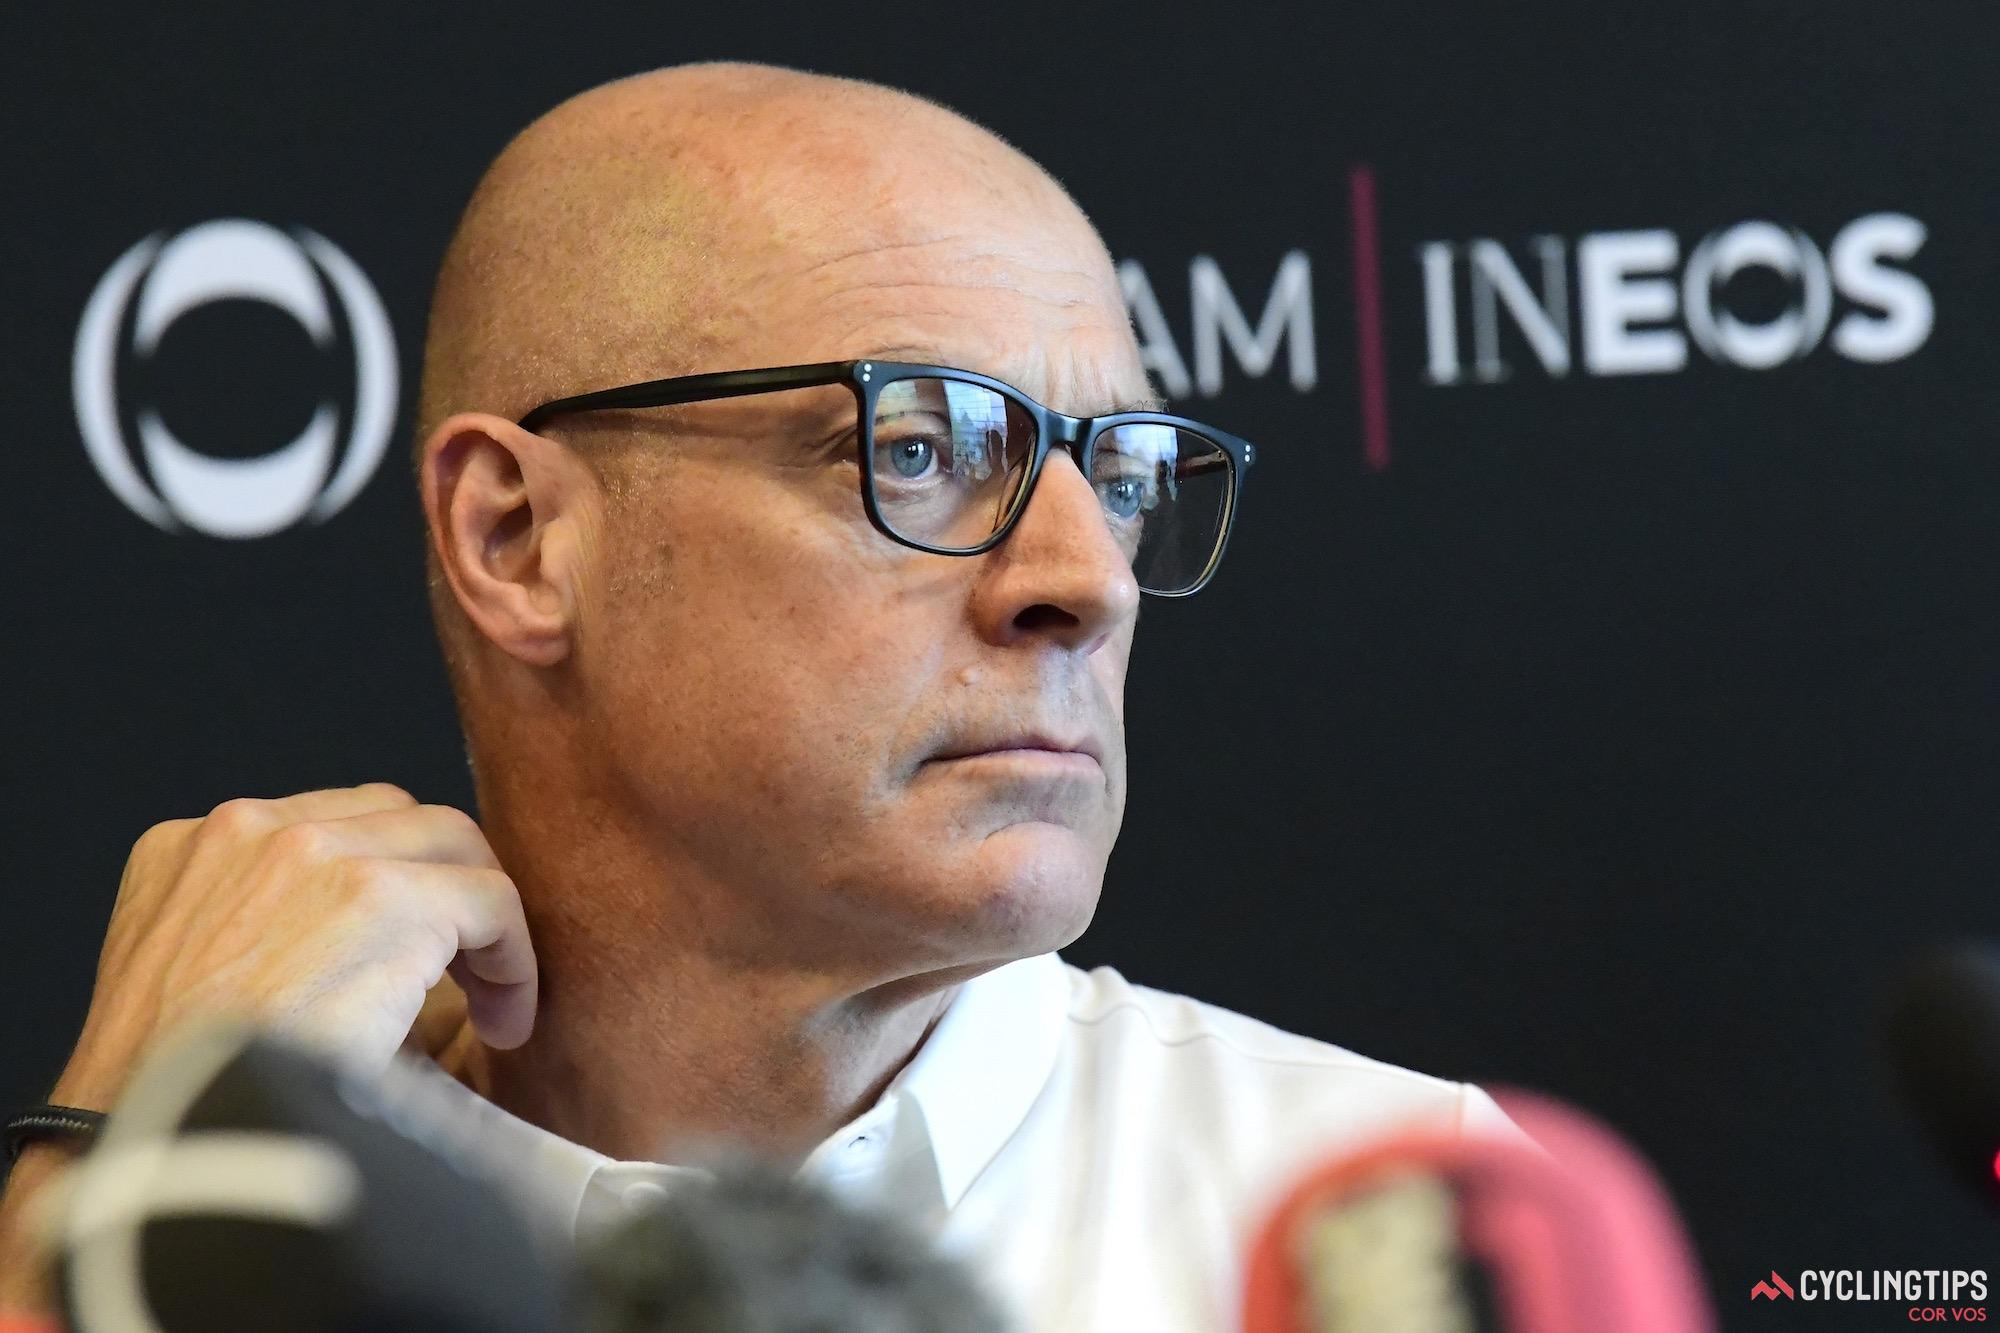 Ineos Grenadiers reageren op het vonnis van Freeman, de Britse parlementslid zegt dat Brailsford moet worden geschorst